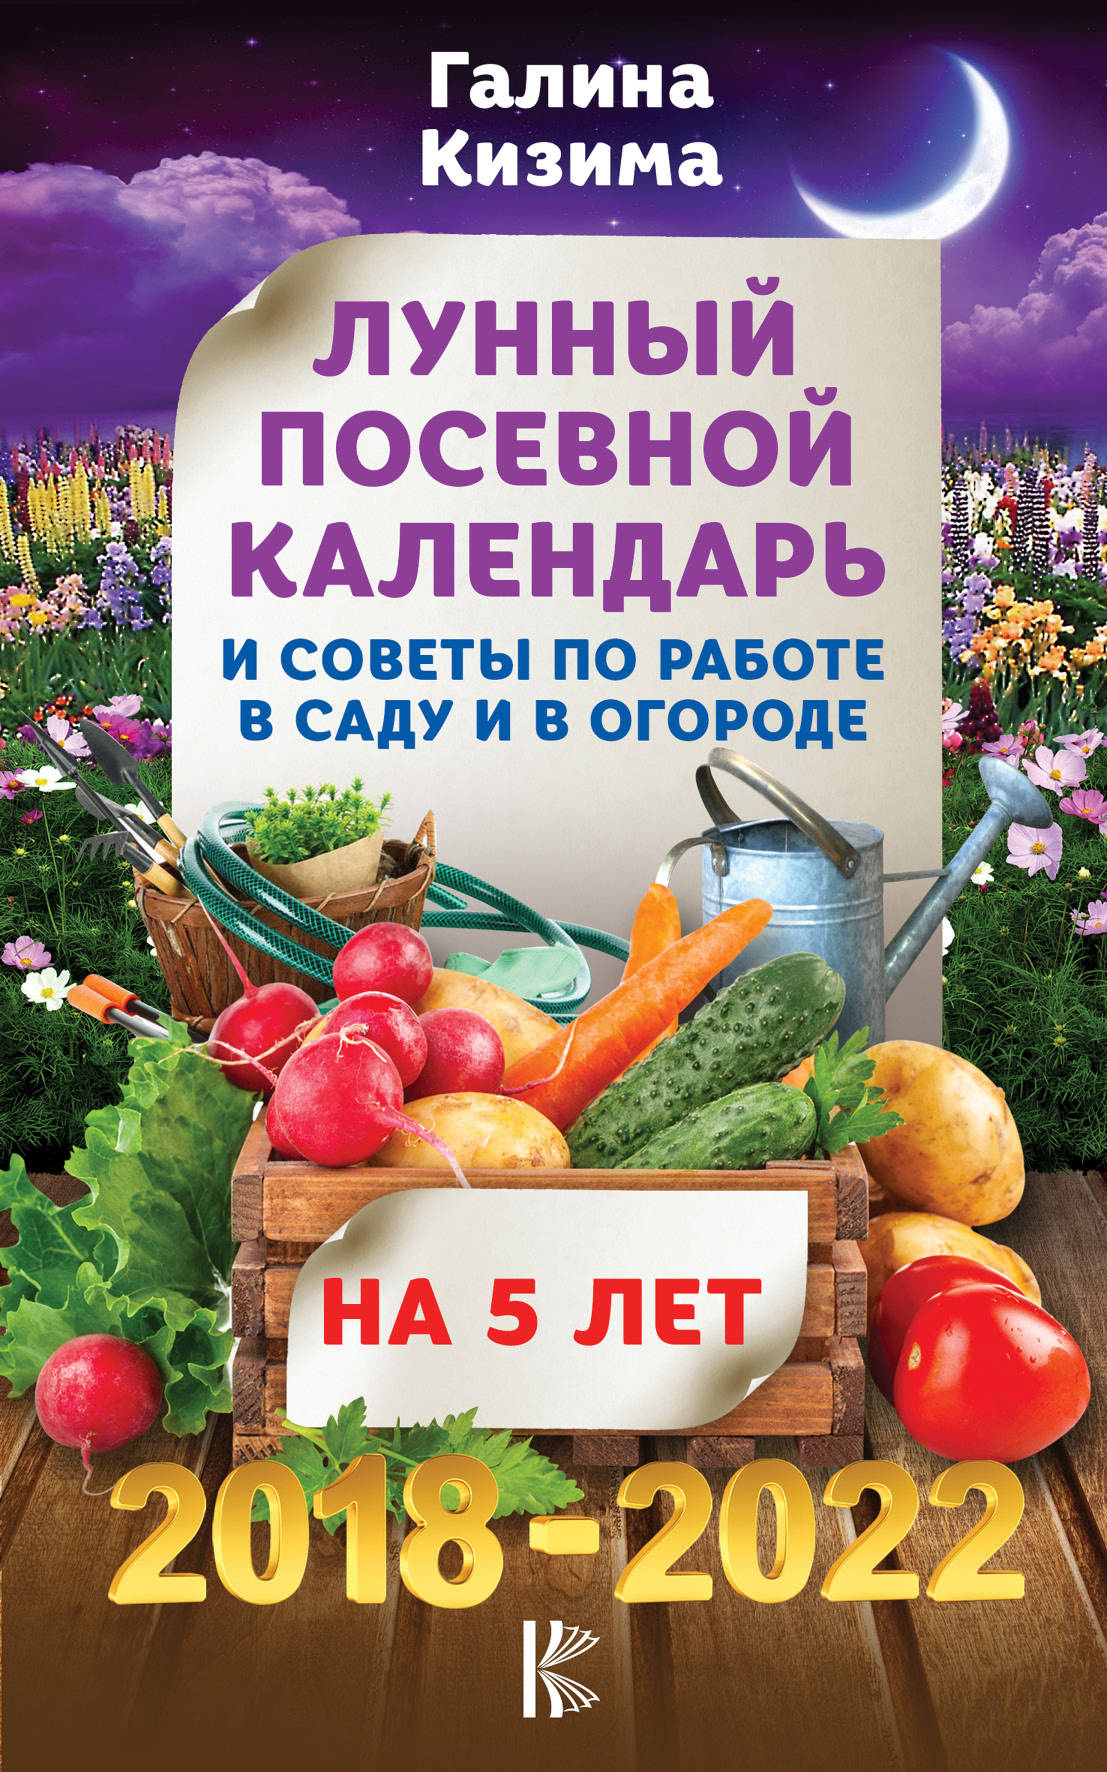 Лунный посевной календарь и советы по работе в саду и огороде на 5 лет вперед 2018-2022 гг.